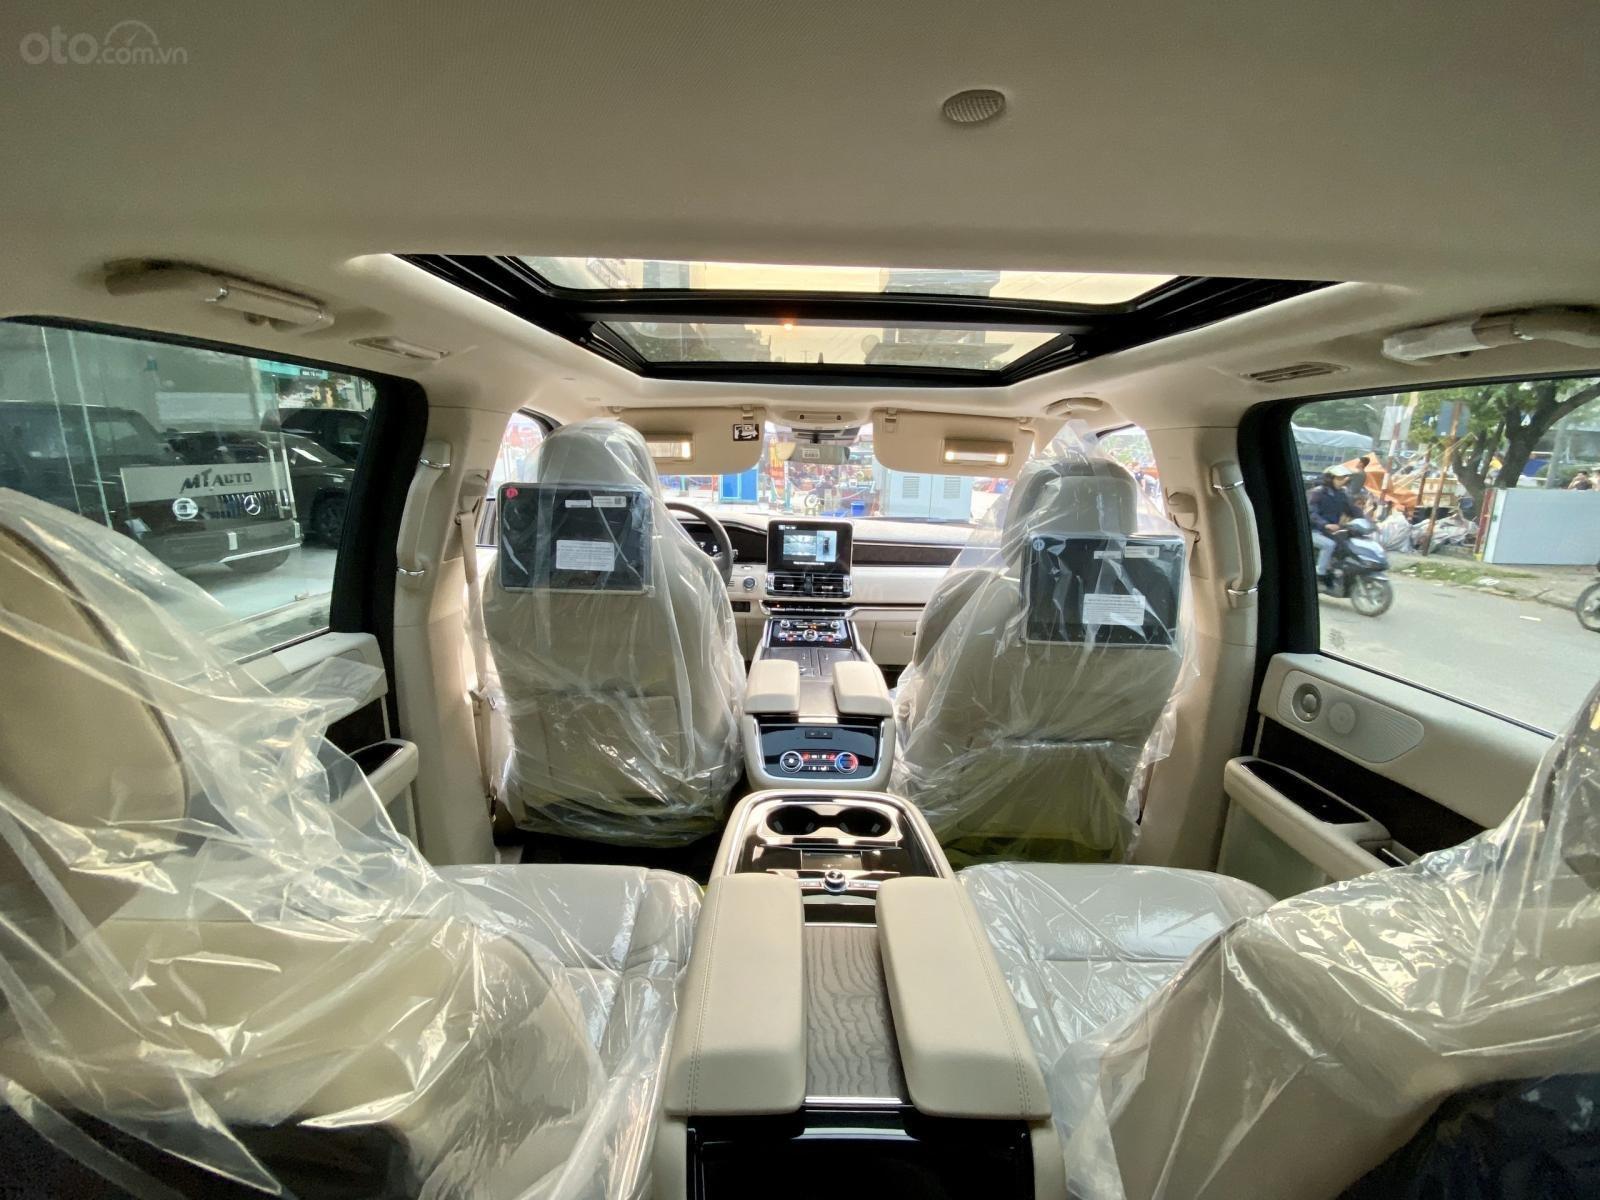 Bán xe Lincoln Navigator Navigator 2020, giá tốt, giao ngay toàn quốc. LH Ms. Hương 0945.39.2468 (9)